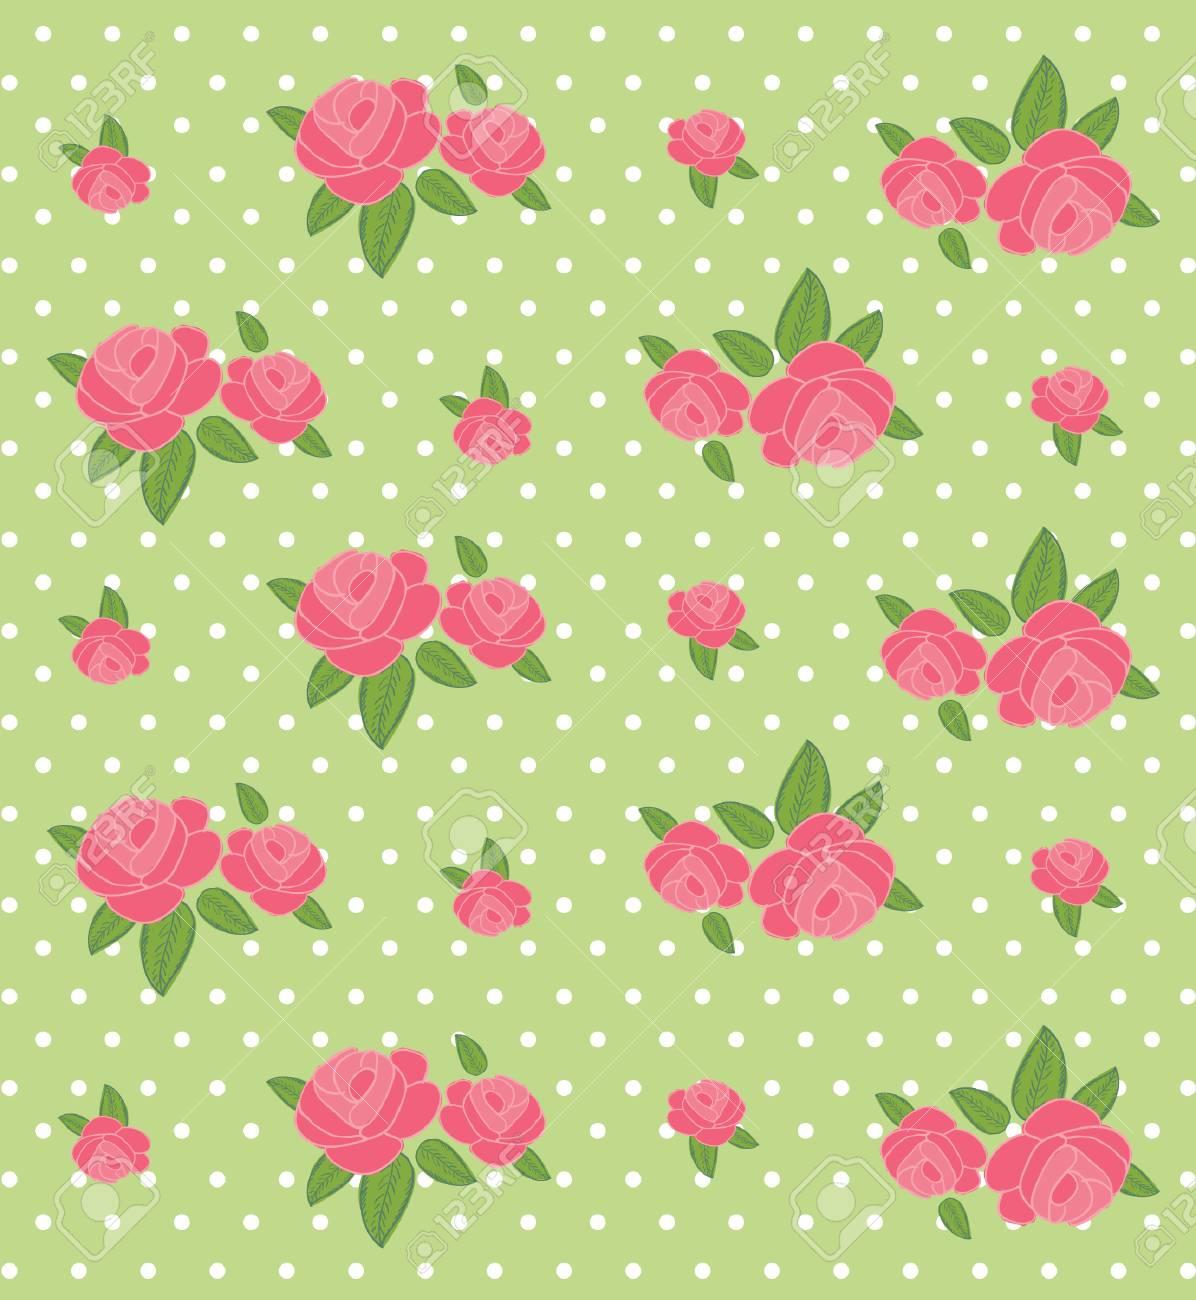 緑の背景の壁紙シームレスなヴィンテージ フラワー パターン イラスト